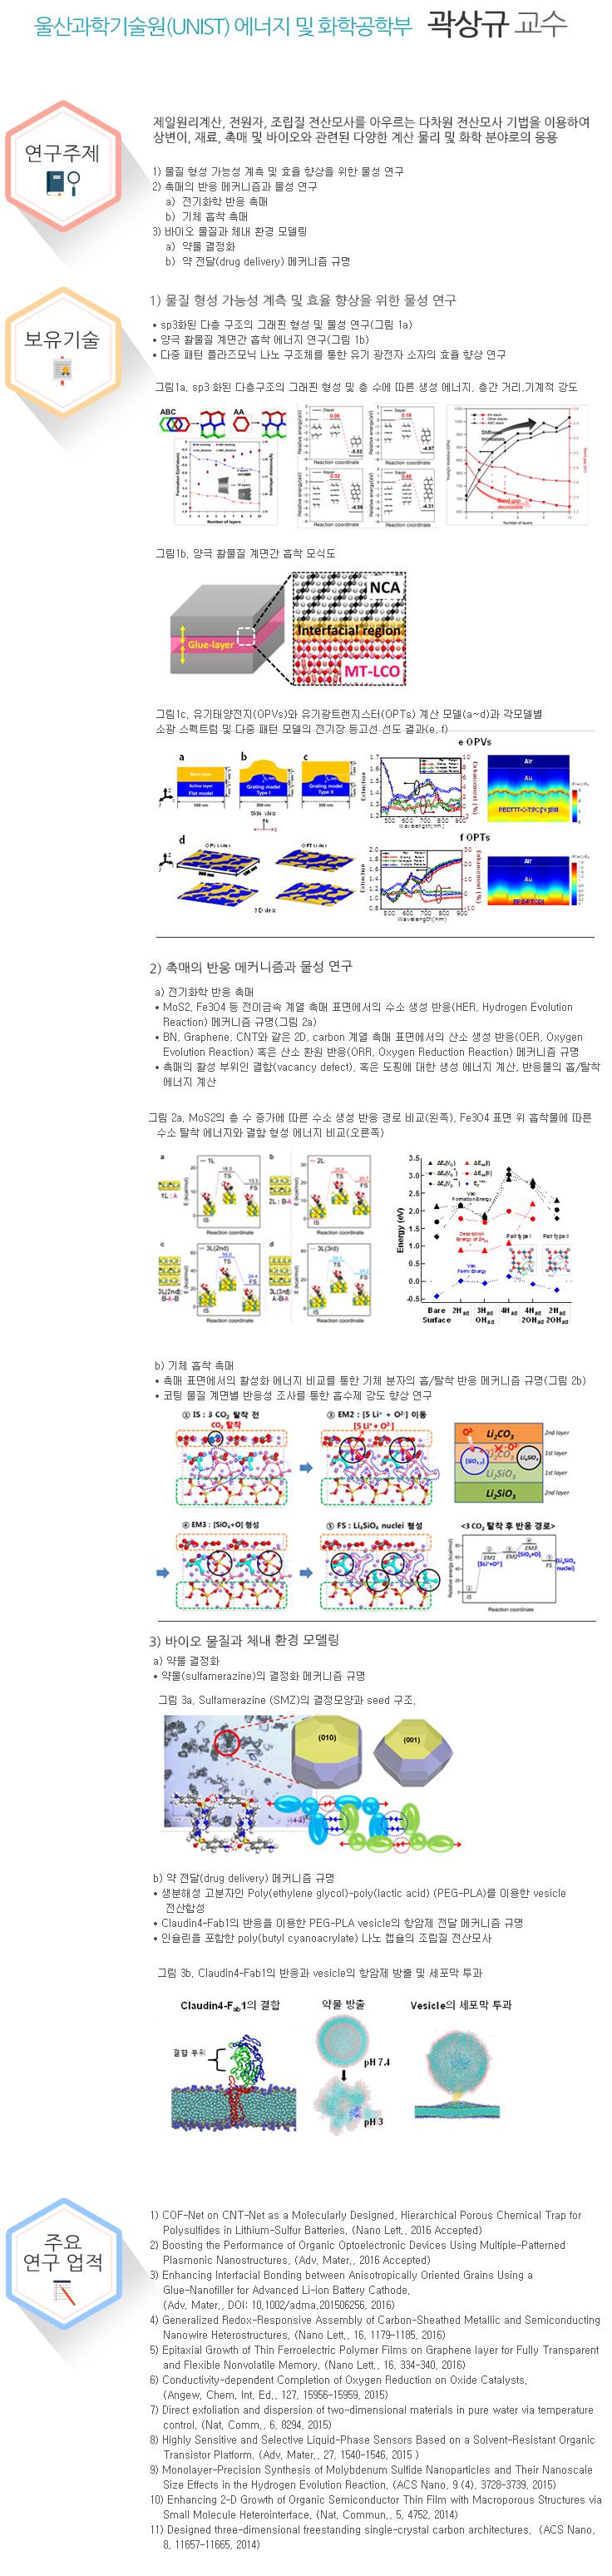 결정기능화센터_연구진_교수별 실험실_곽상규.jpg